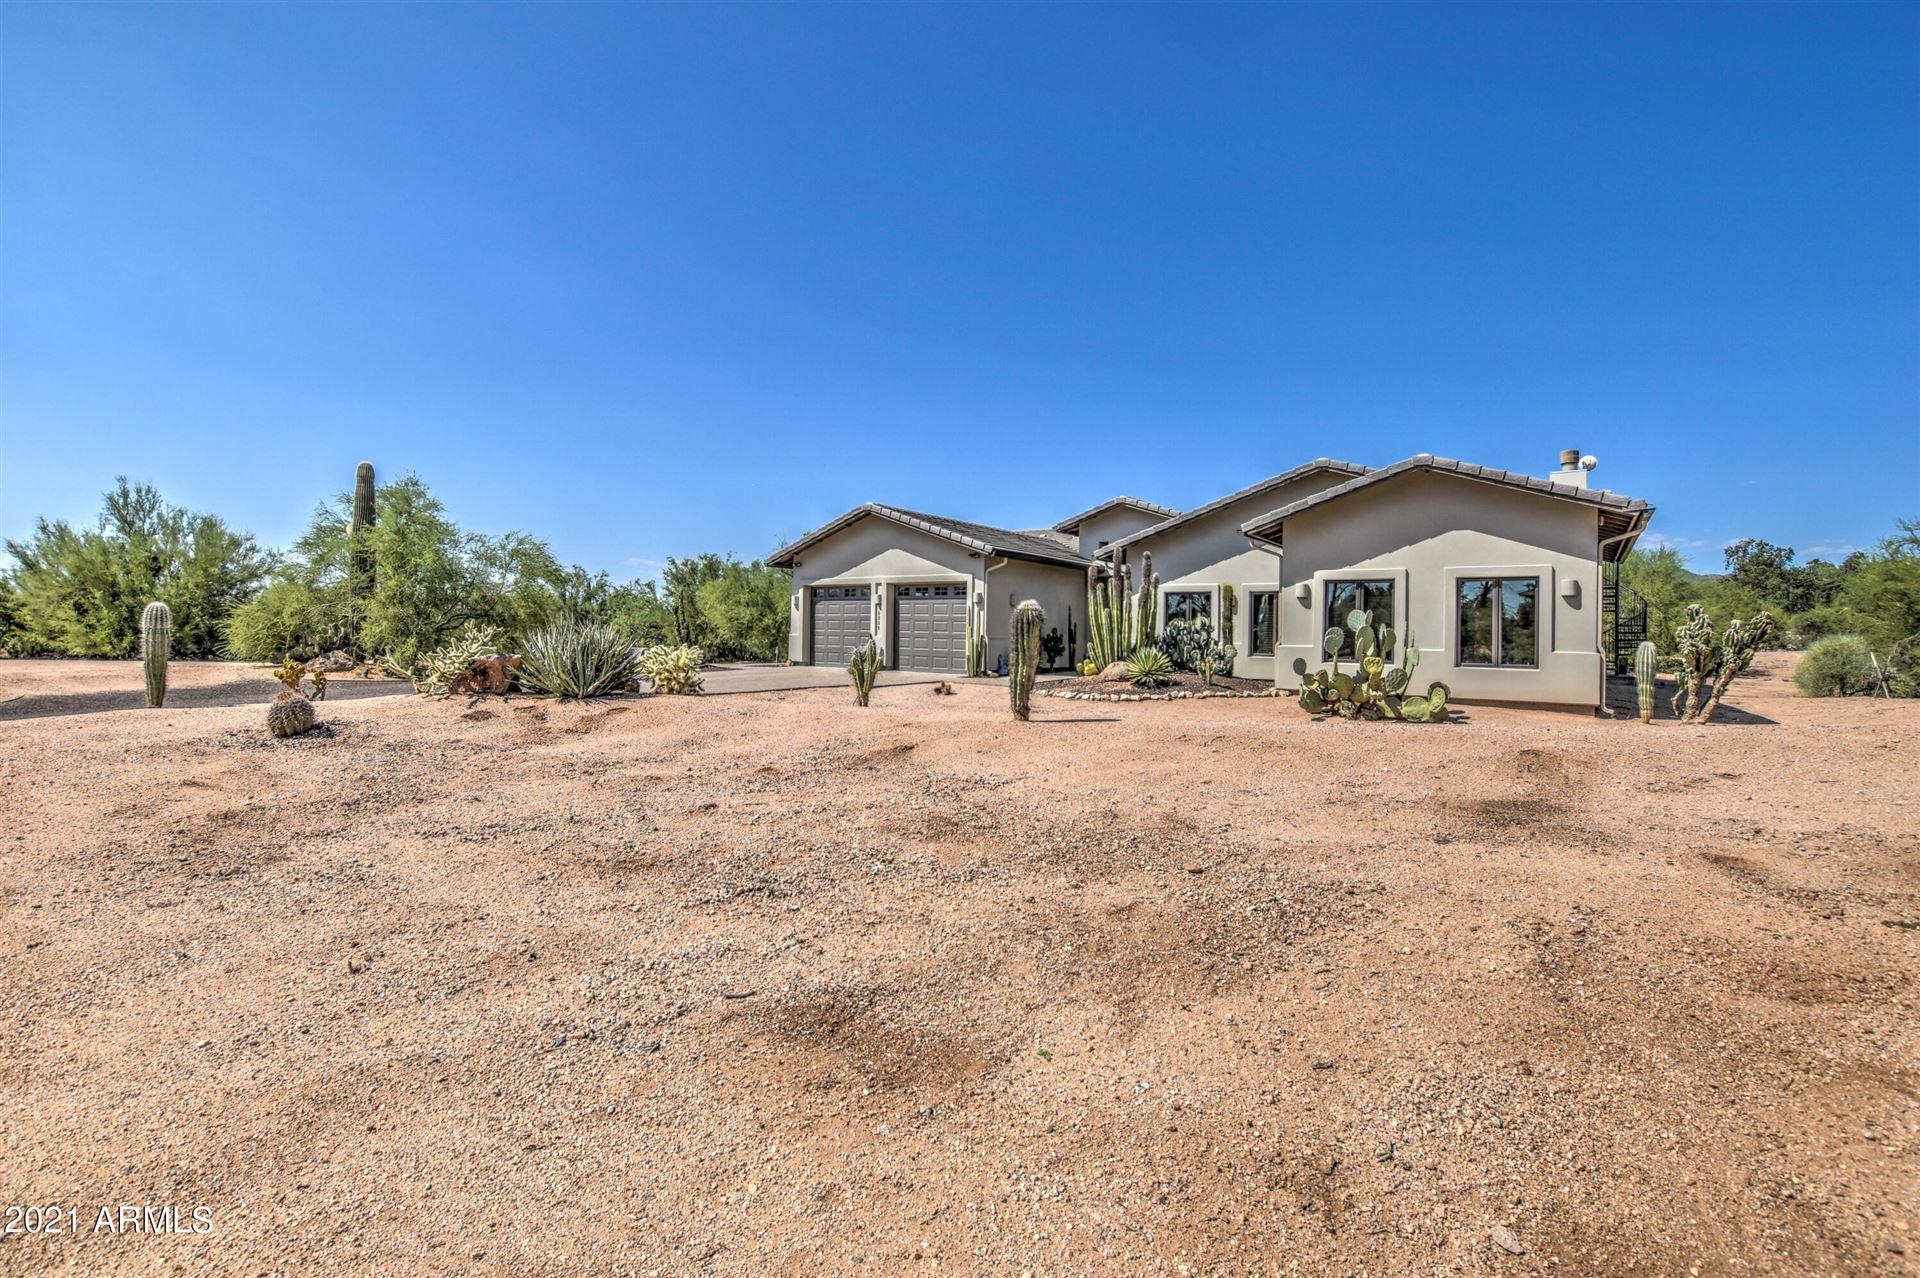 Photo of 6330 E RANCHO DEL ORO Drive, Cave Creek, AZ 85331 (MLS # 6293569)